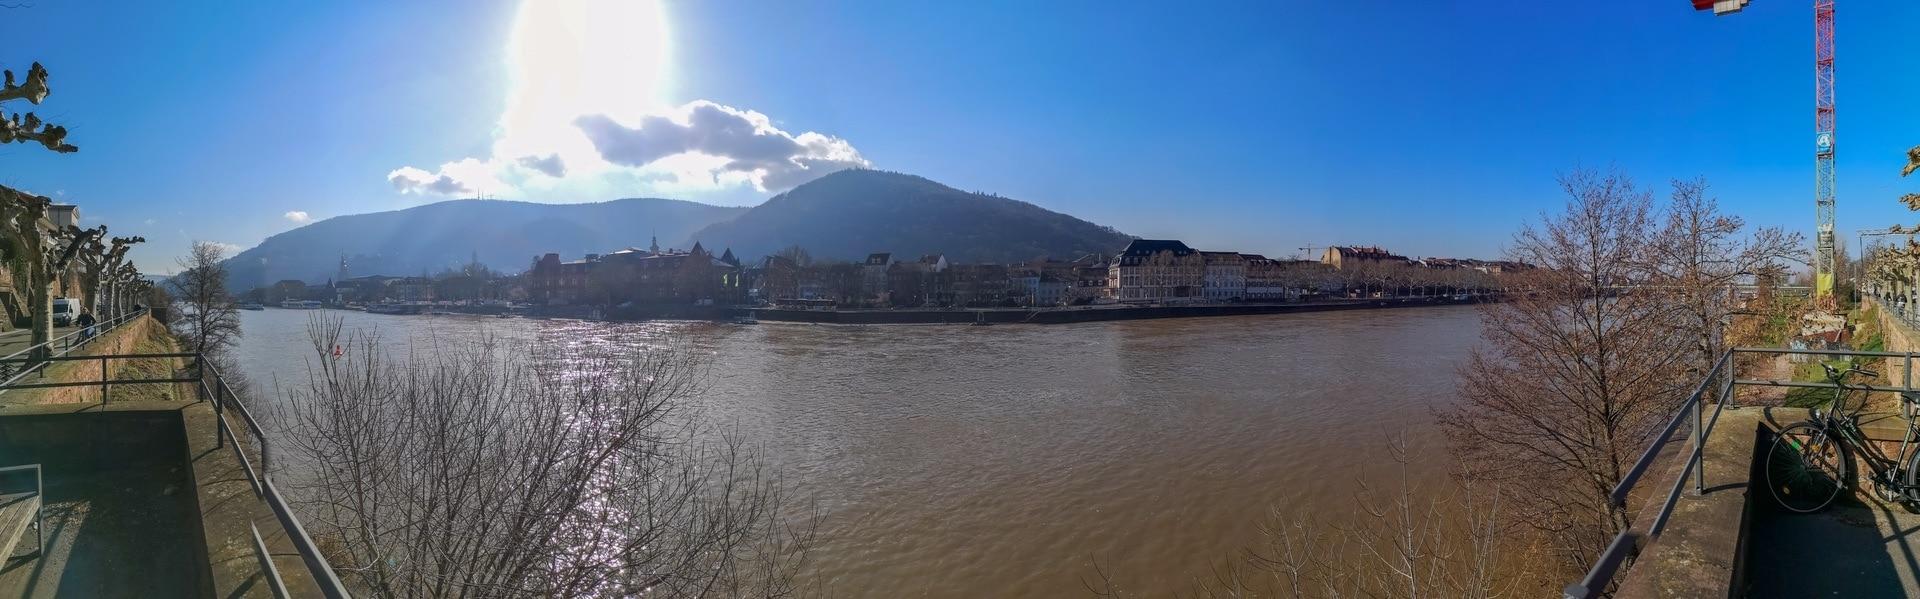 Panorama Aussicht auf die Heidelberger Altstadt von der Ziegelhäuser Landstraße